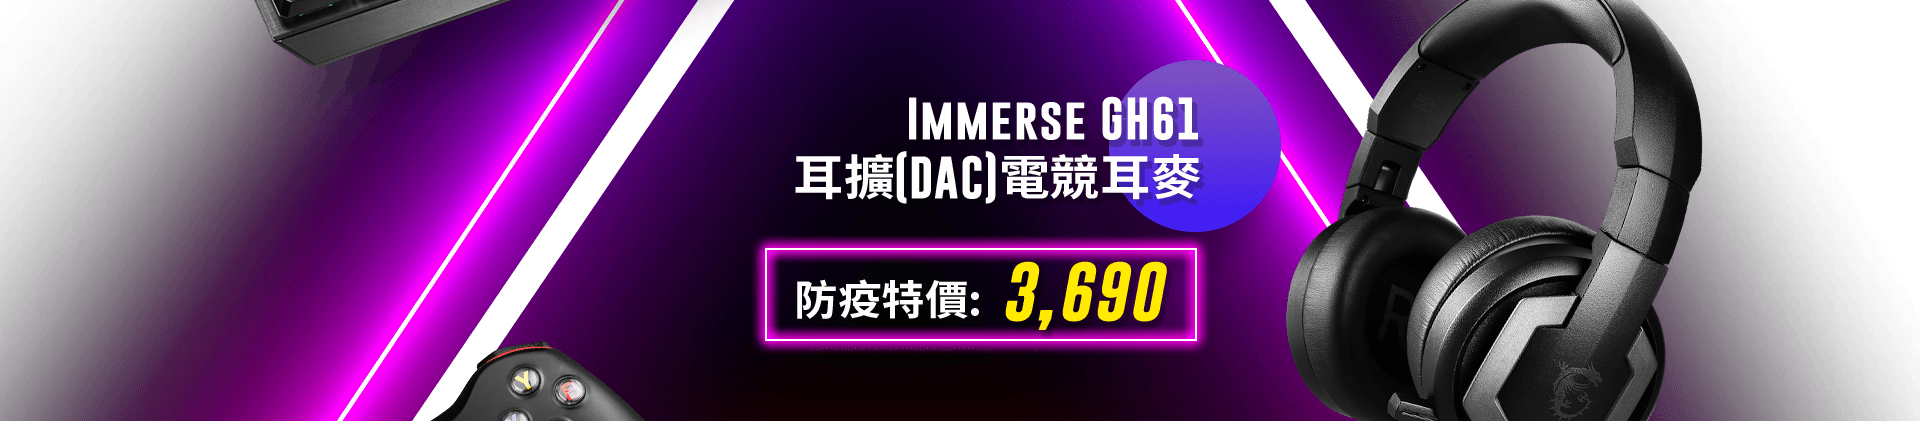 Immerse GH61 耳擴(DAC)電競耳麥 防疫特價:3,690